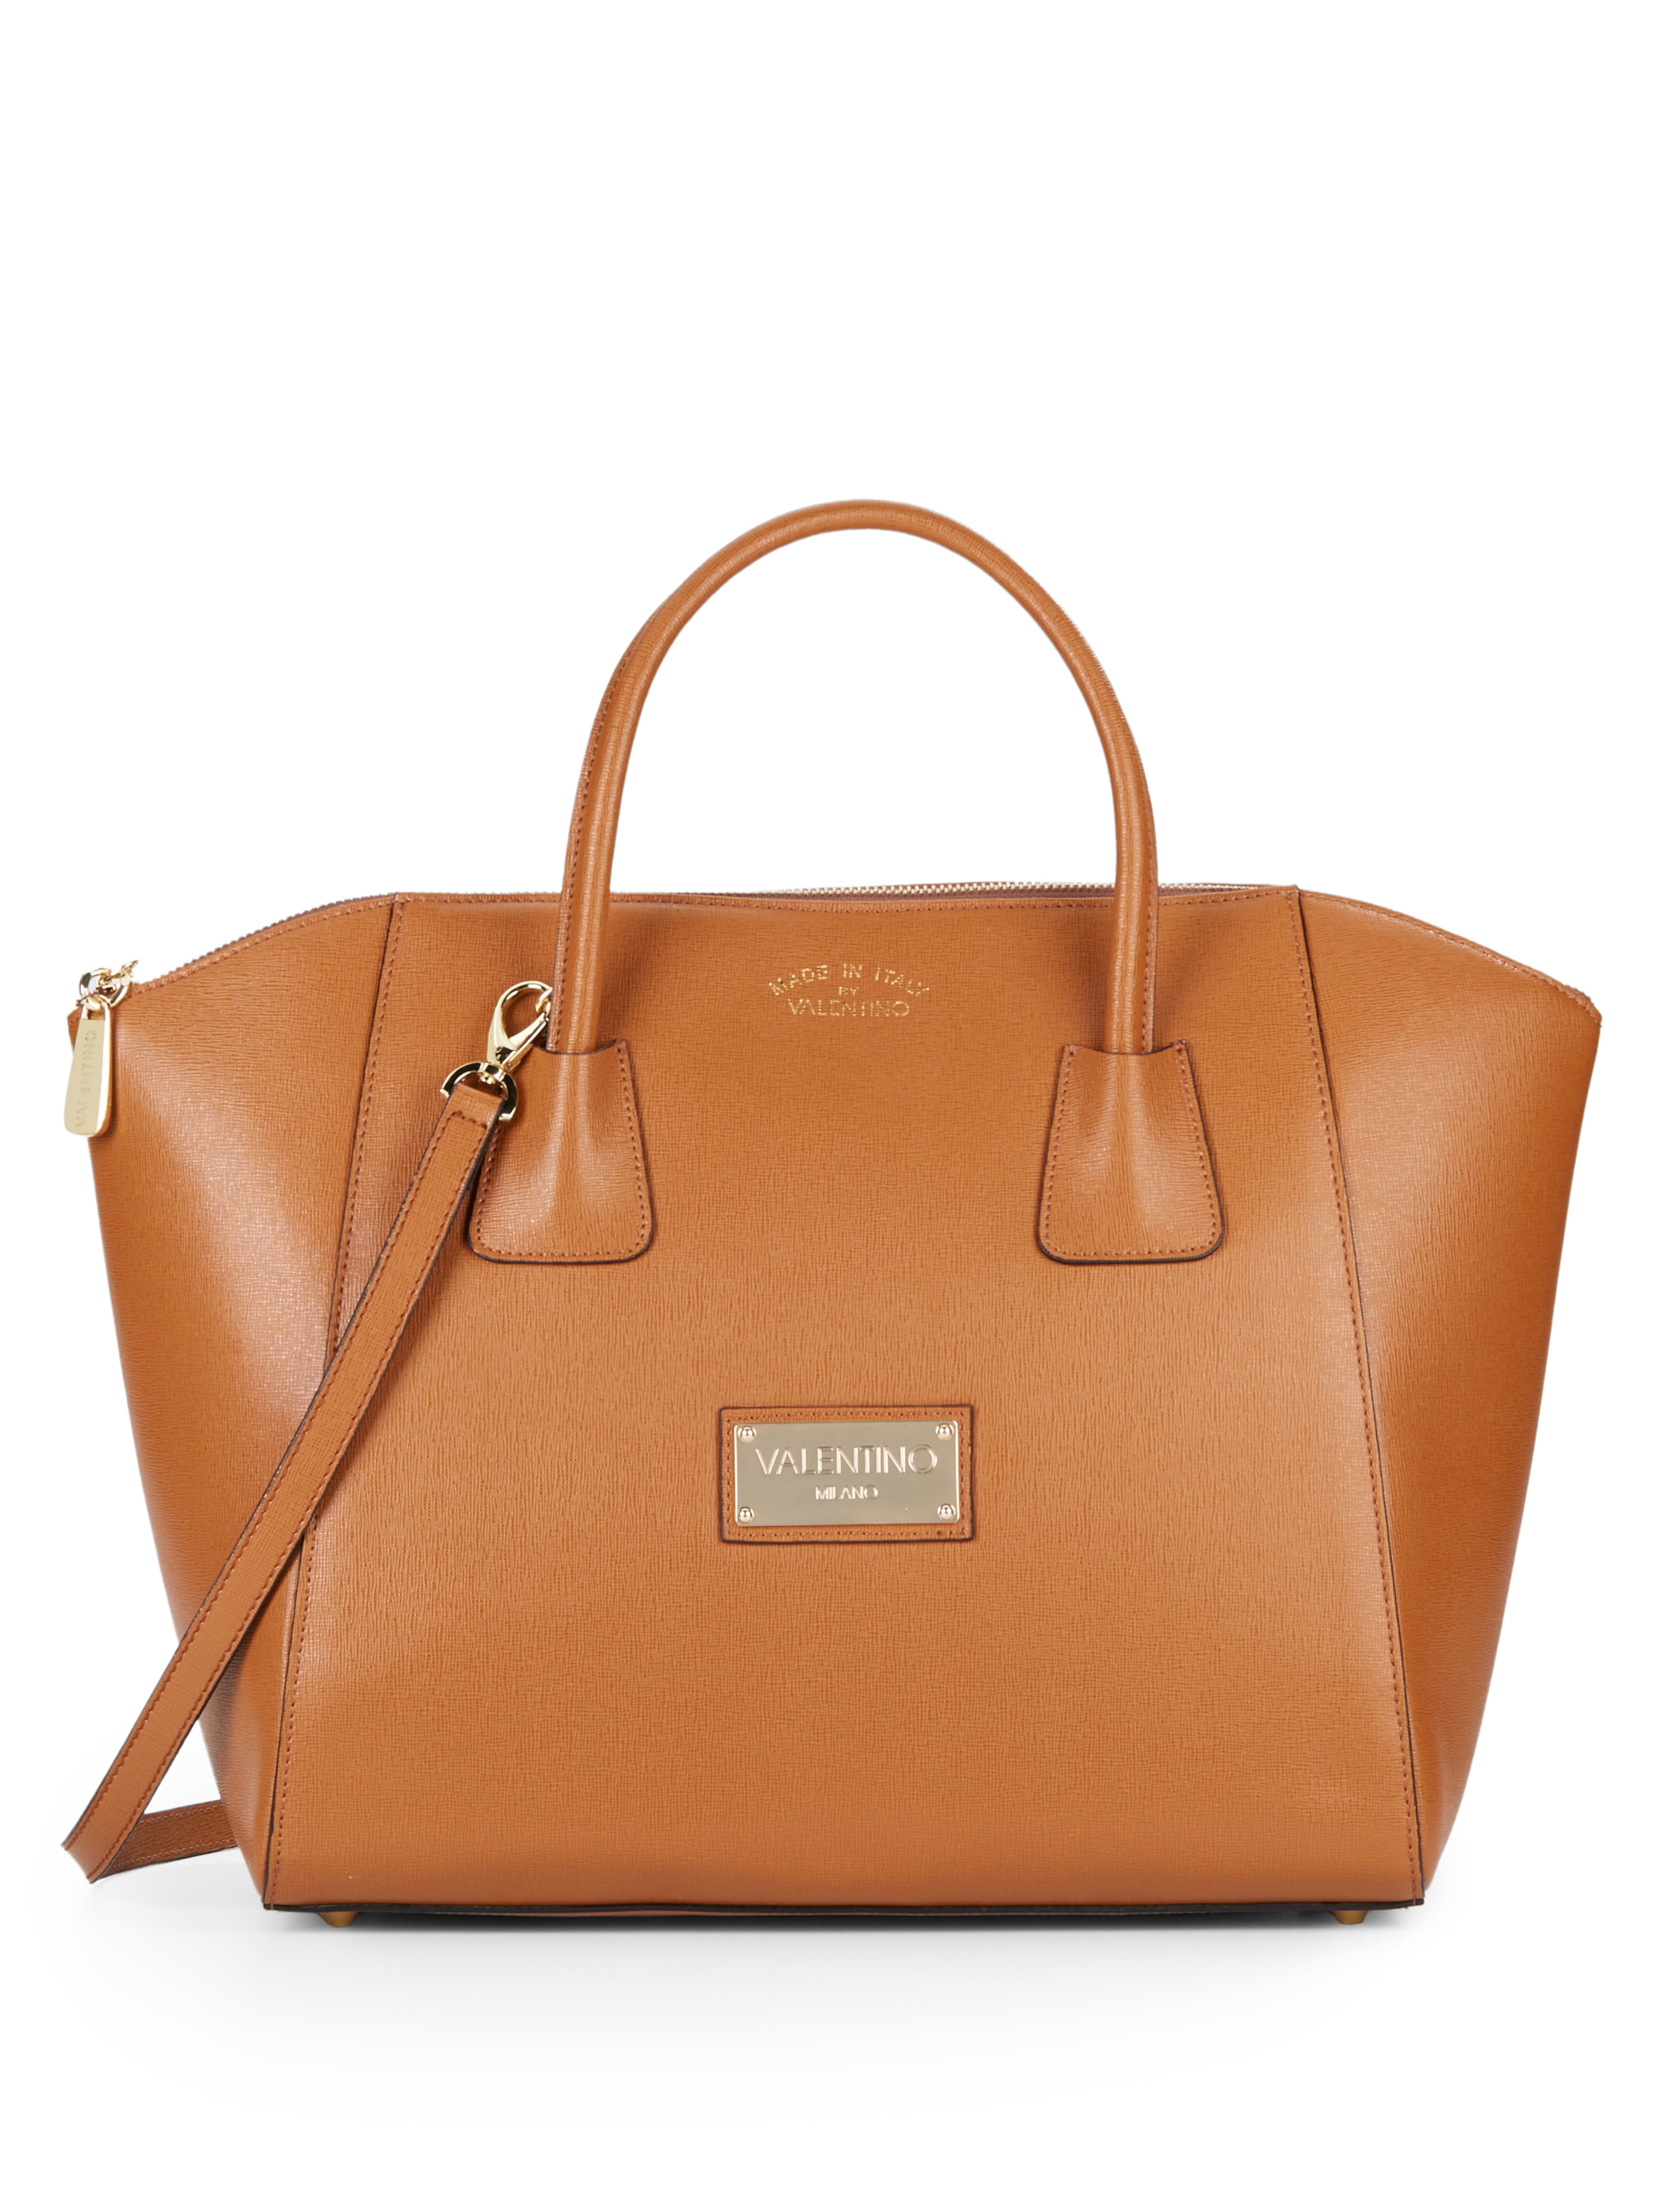 Handbags-009.JPG